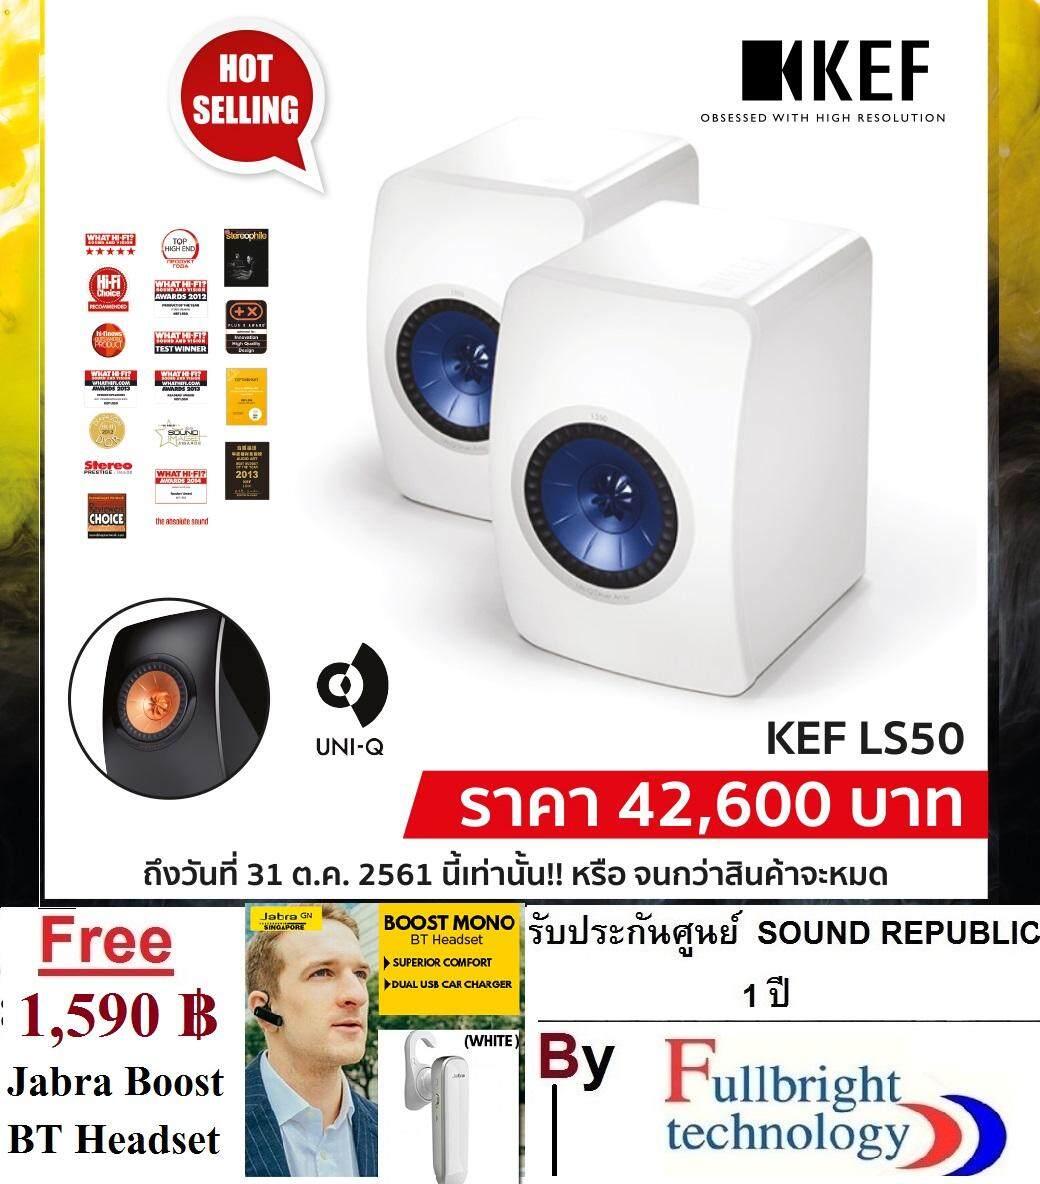 สอนใช้งาน  เชียงราย KEF LS50 Hi-Fi Speaker Series ลำโพงคุณภาพระดับไฮ-ไฟ รับประกันศูนย์ 1 ปี Free Jabra Boost Headset มูลค่า 1 590 บาท ถึง 8 เม.ษ.62 นี้เท่านั้น ด่วน! สินค้ามีจำนวนจำกัด